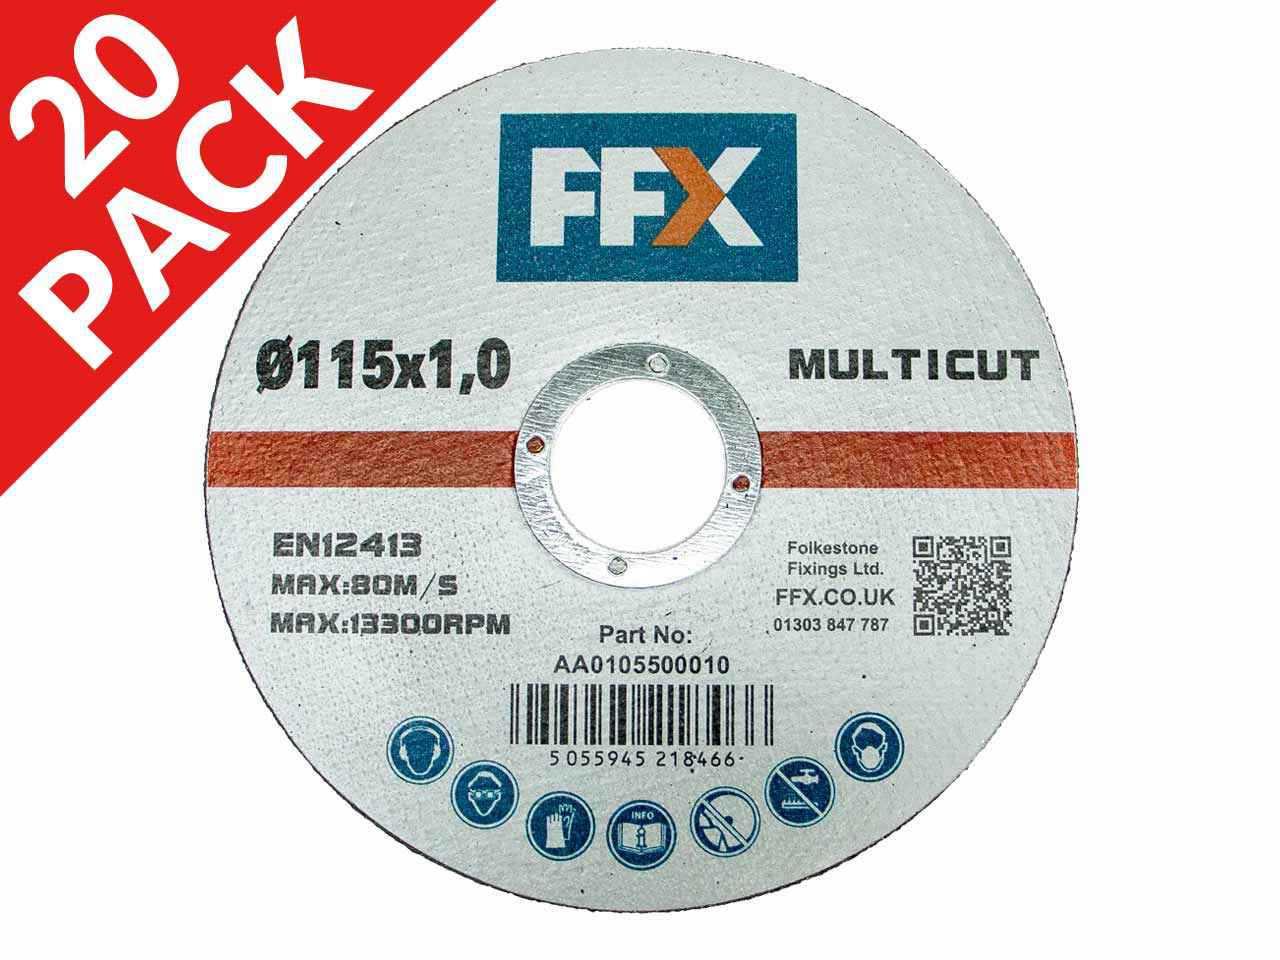 FFX_AA010550001020.jpg